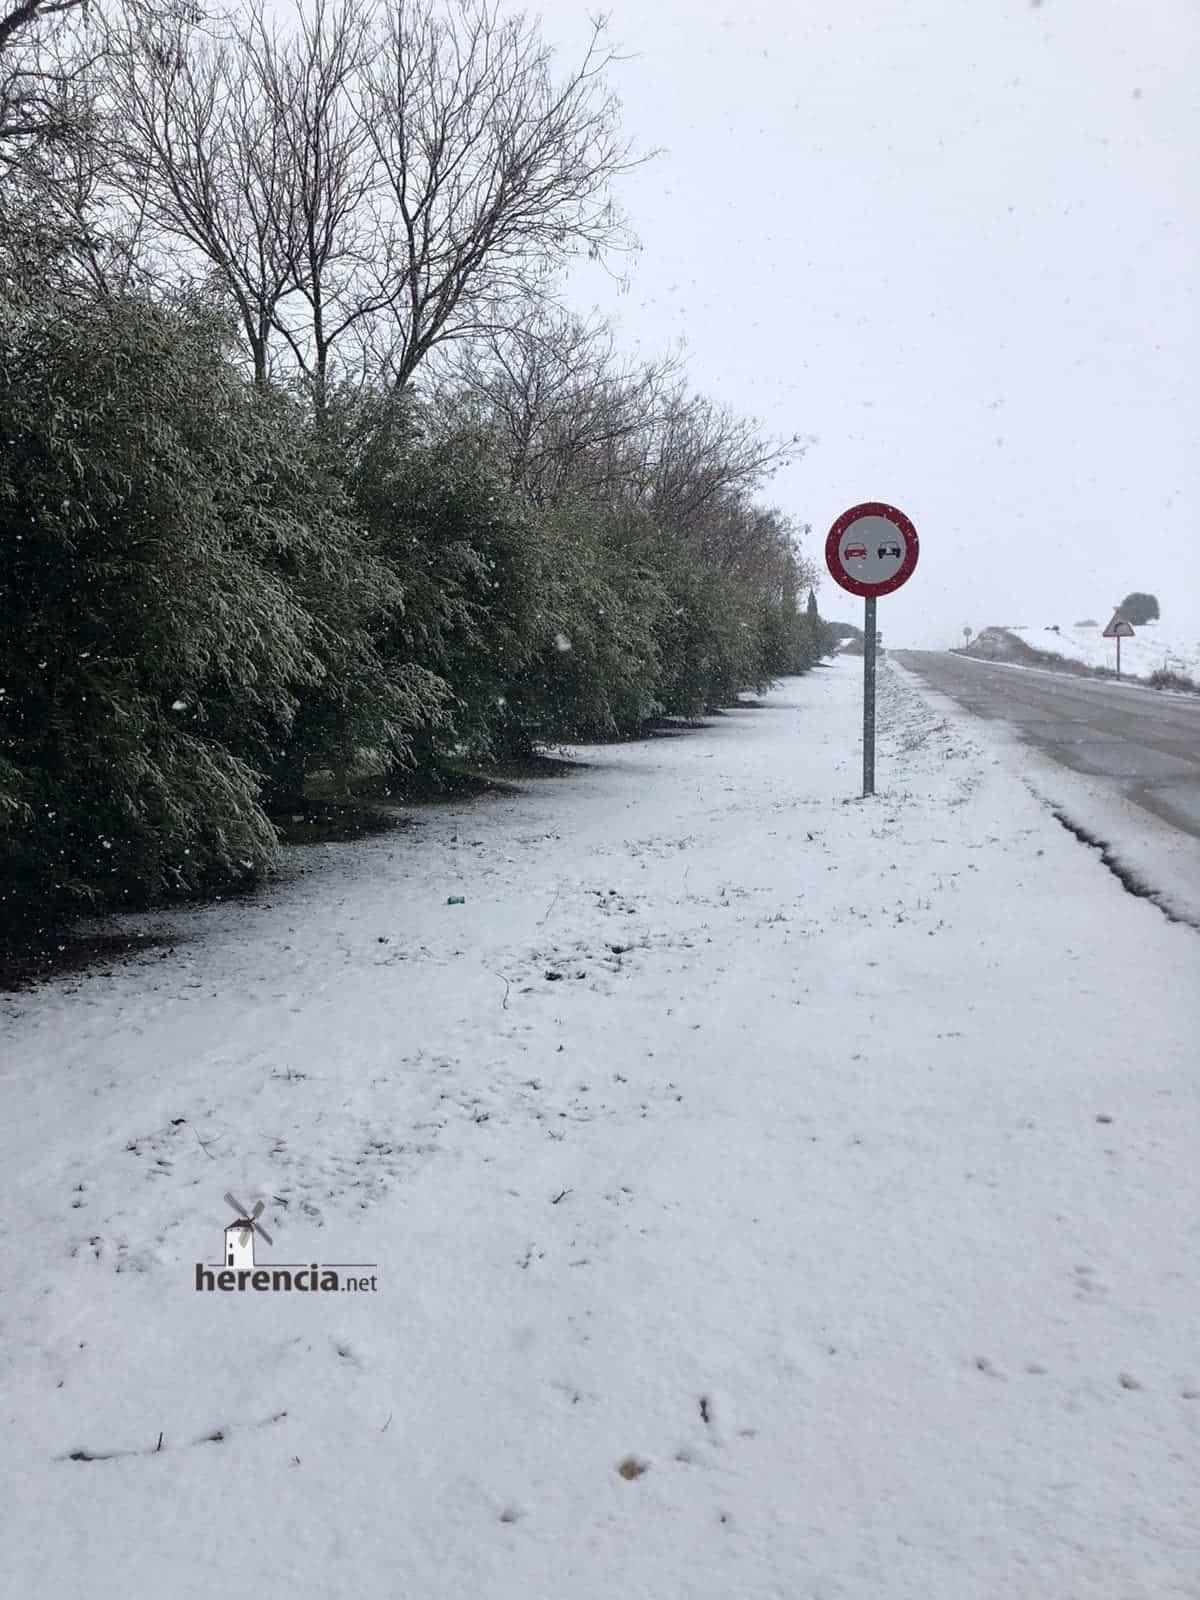 Las nevadas llegan Herencia y a toda Castilla-La Mancha (actualizado) 123